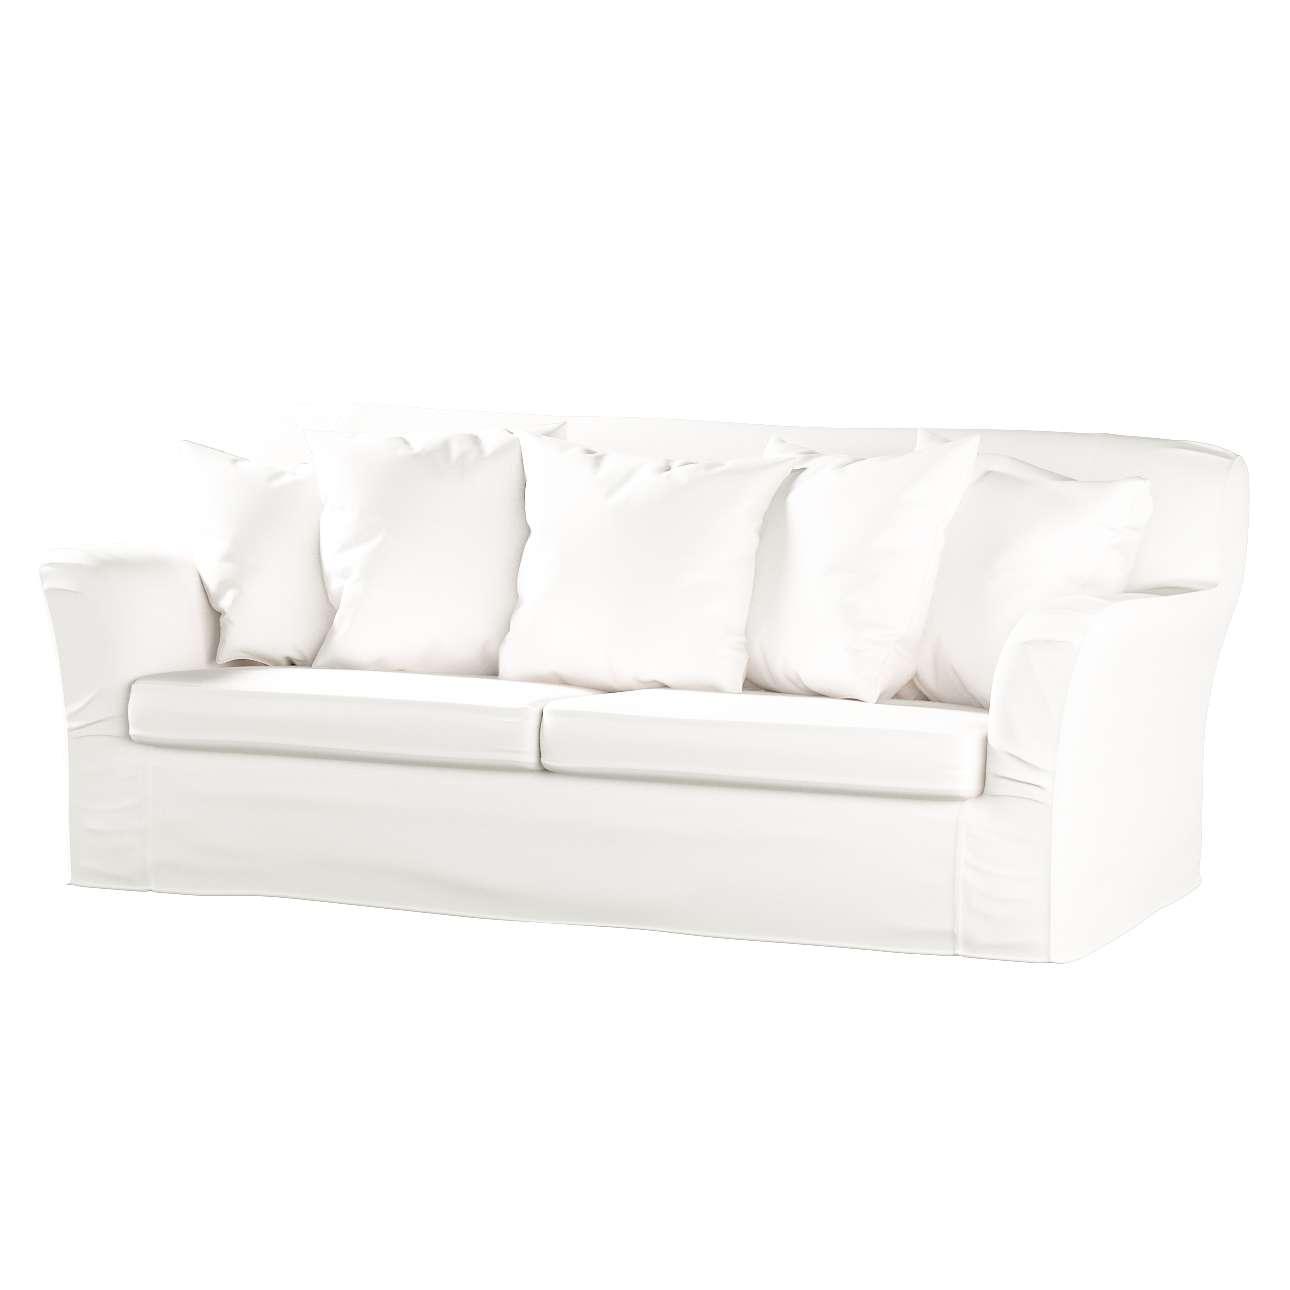 Pokrowiec na sofę Tomelilla 3-osobową rozkładaną Sofa Tomelilla rozkładana w kolekcji Cotton Panama, tkanina: 702-34